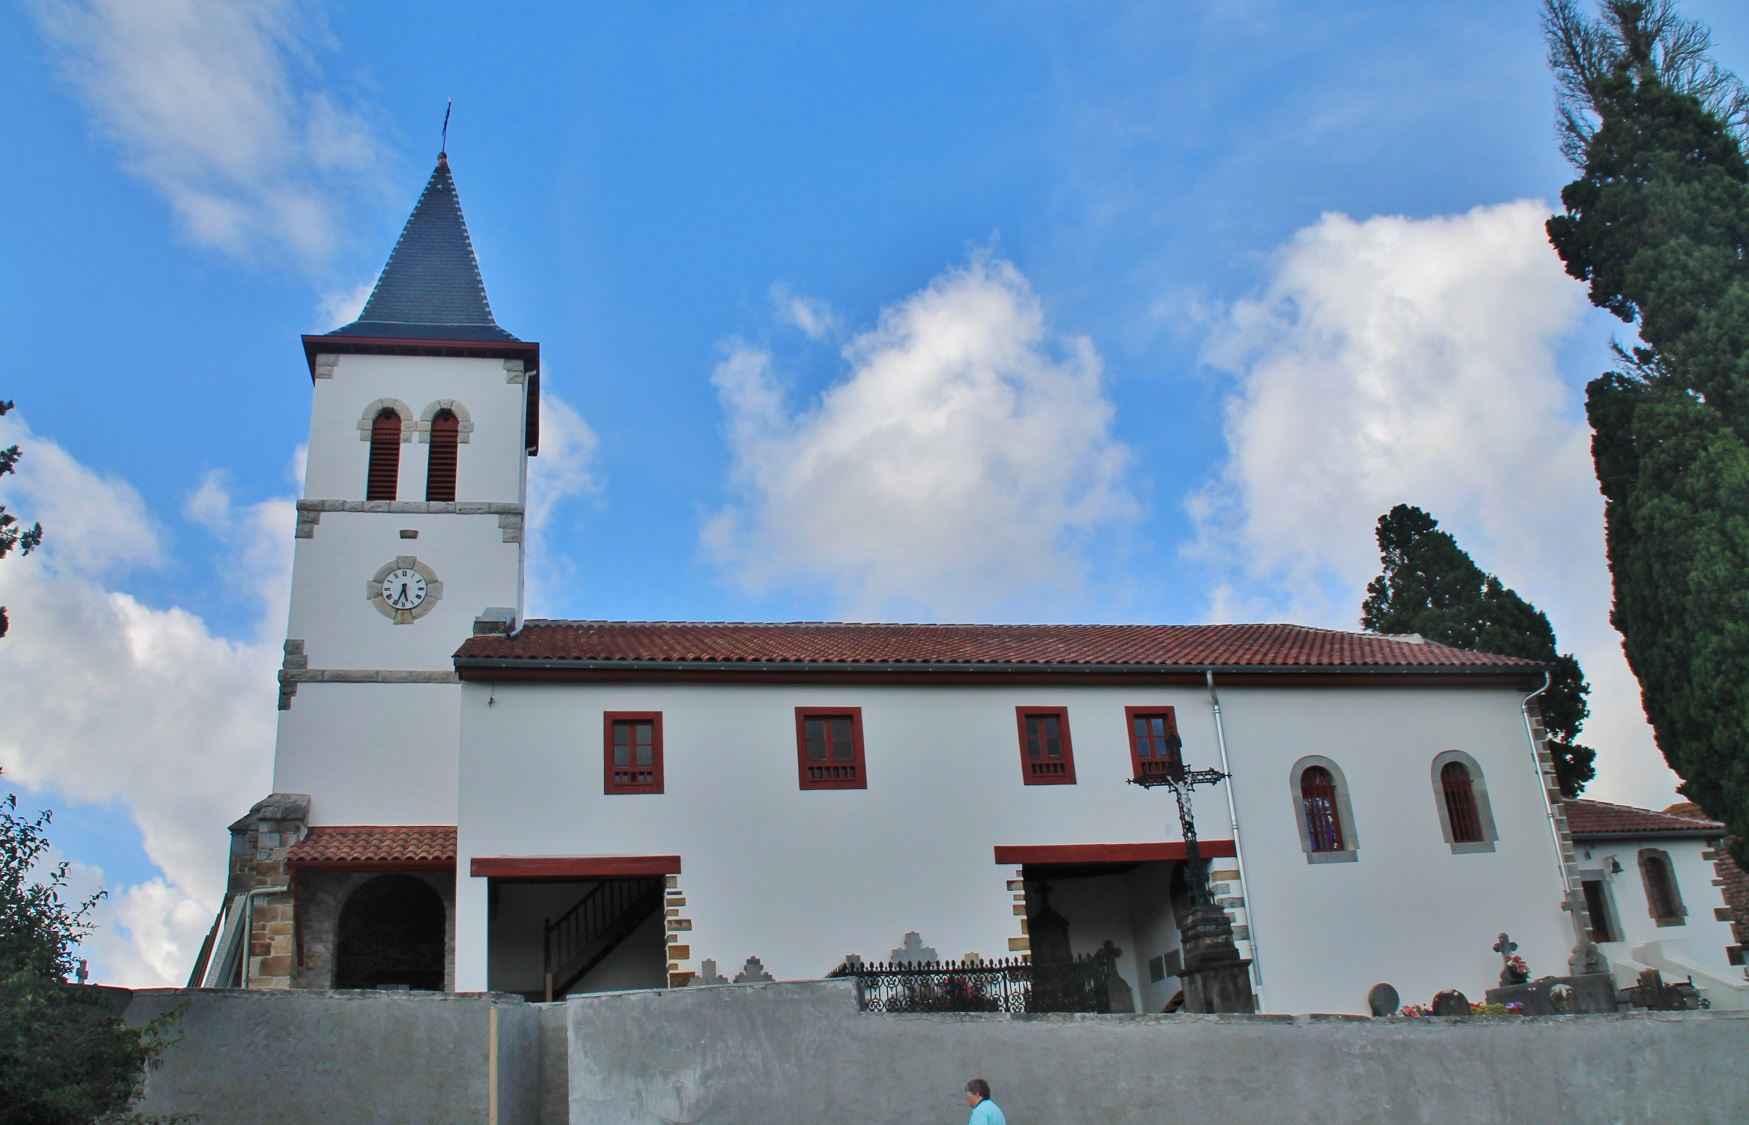 église paroissiale Saint-Laurent à Meharin.